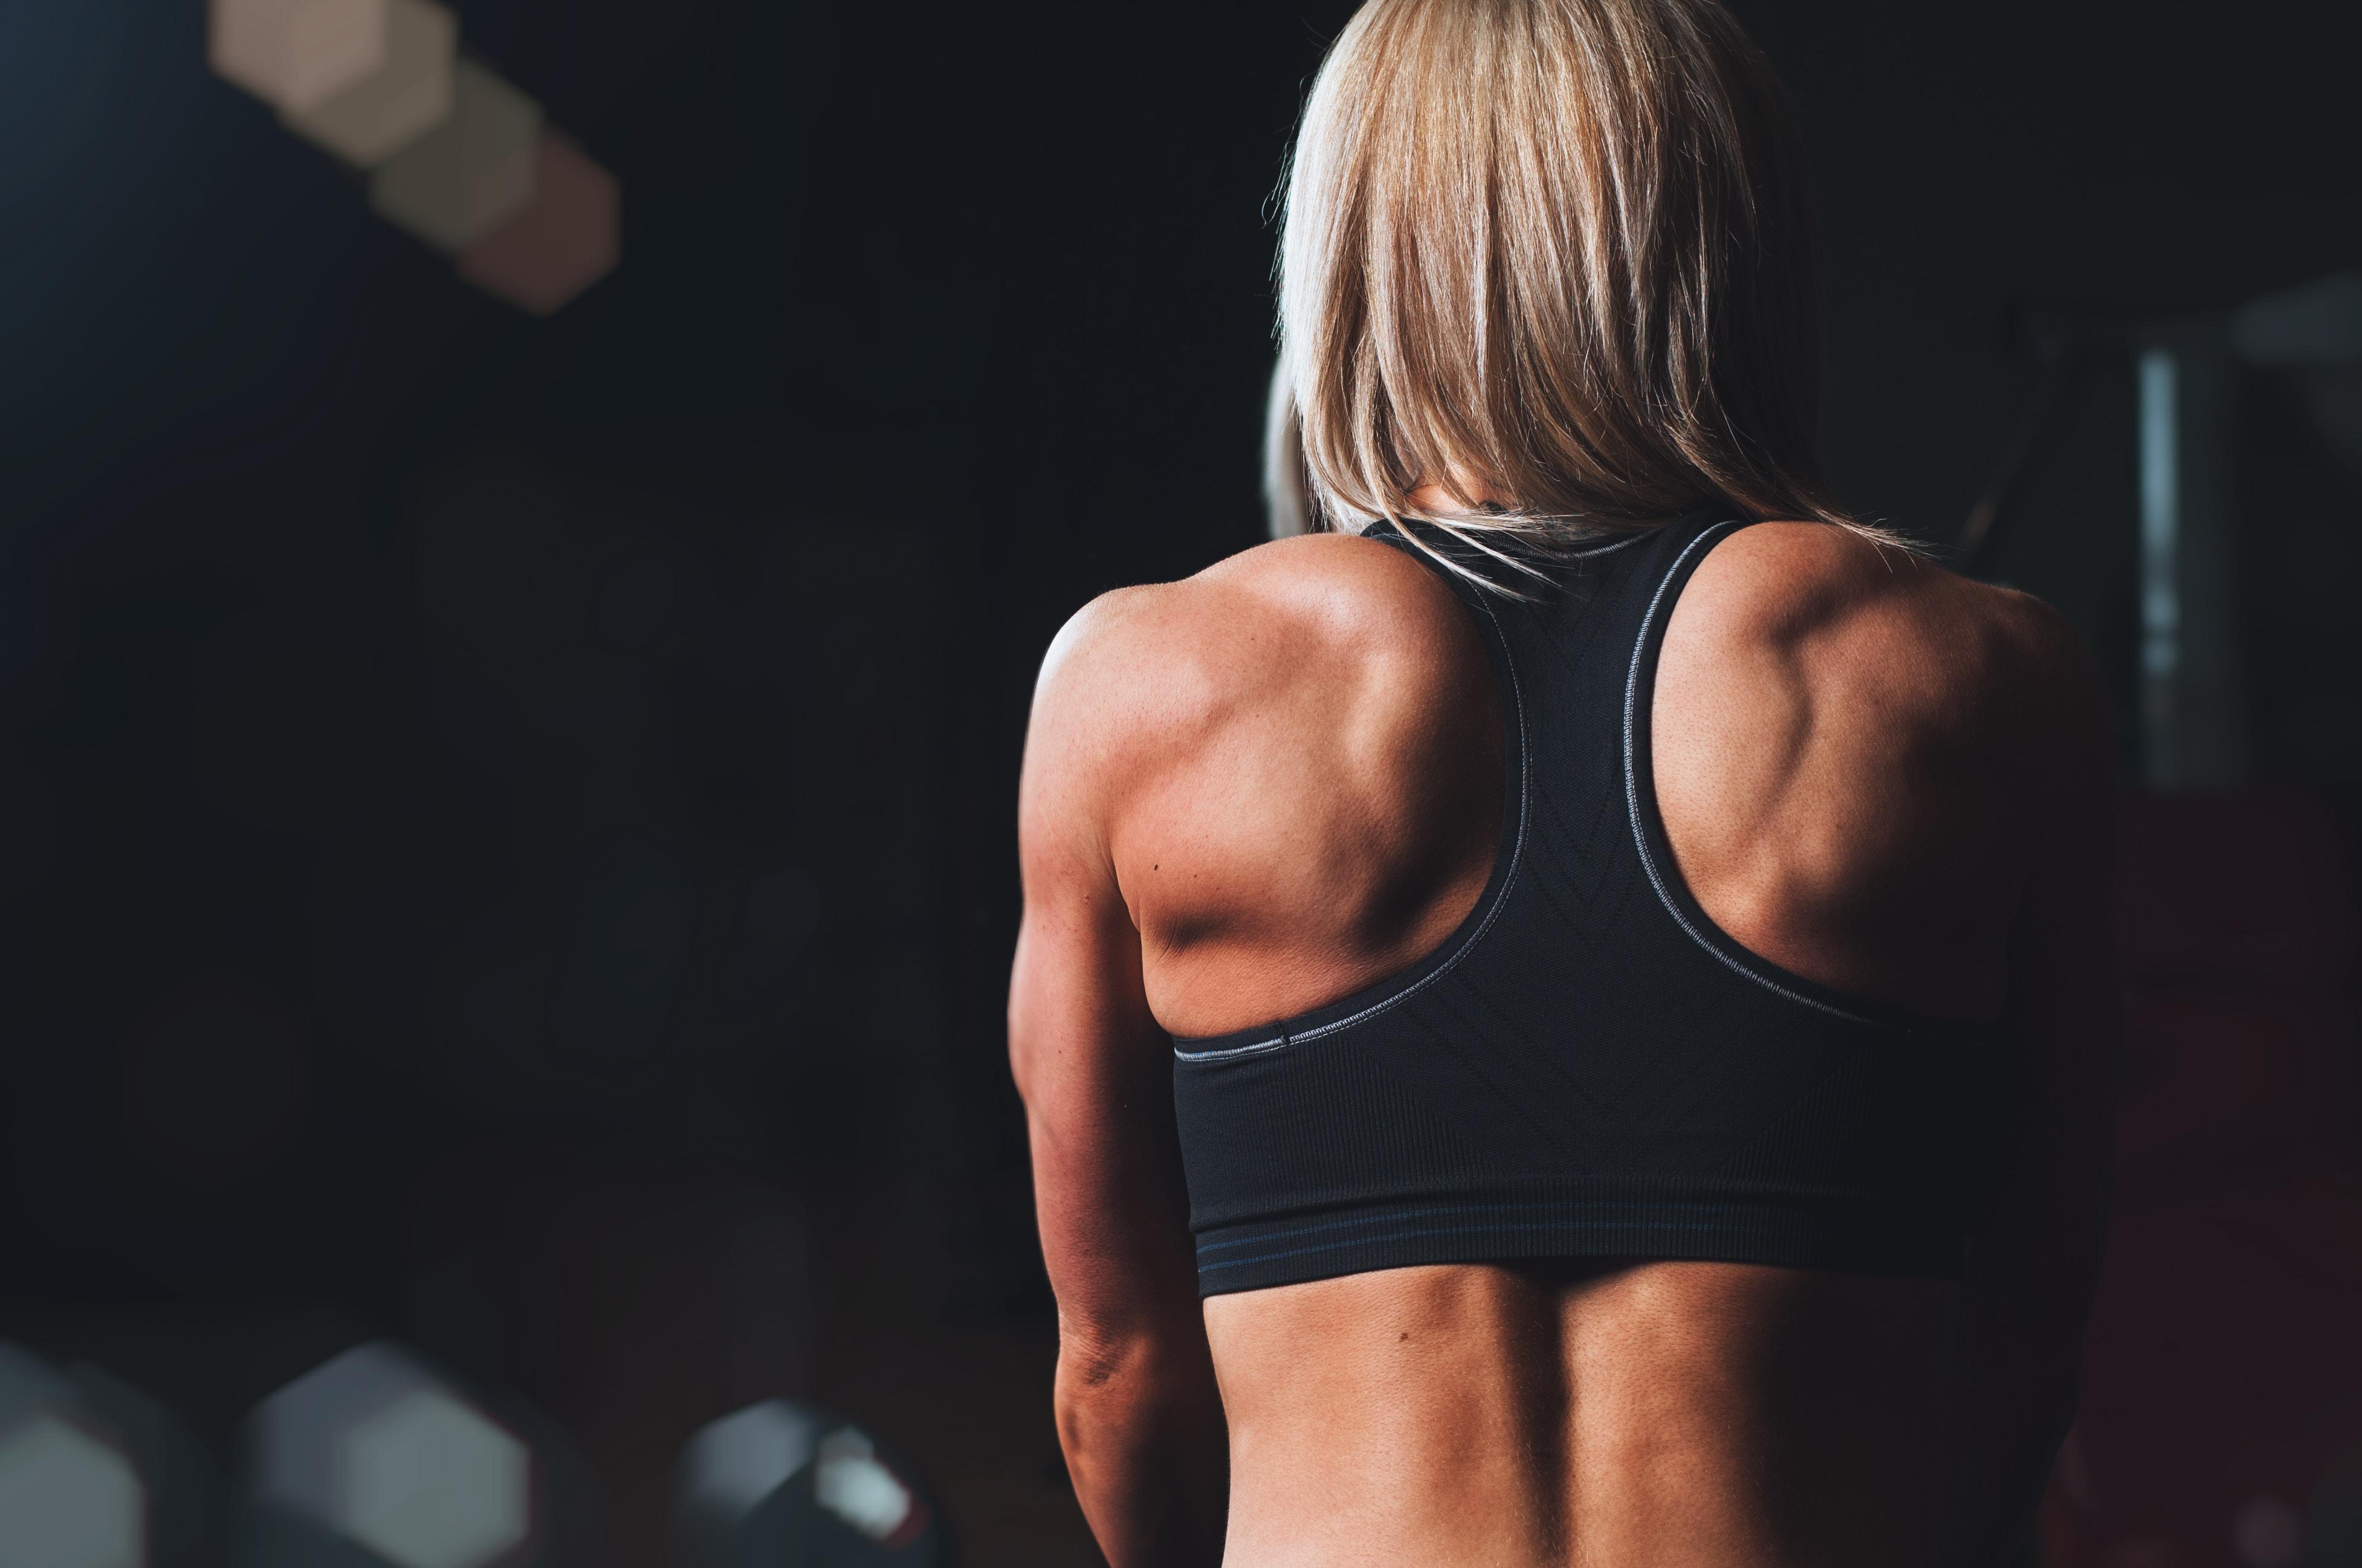 Budowanie masy mięśniowej bez białka wymaga cierpliwości oraz odpowiedniej diety